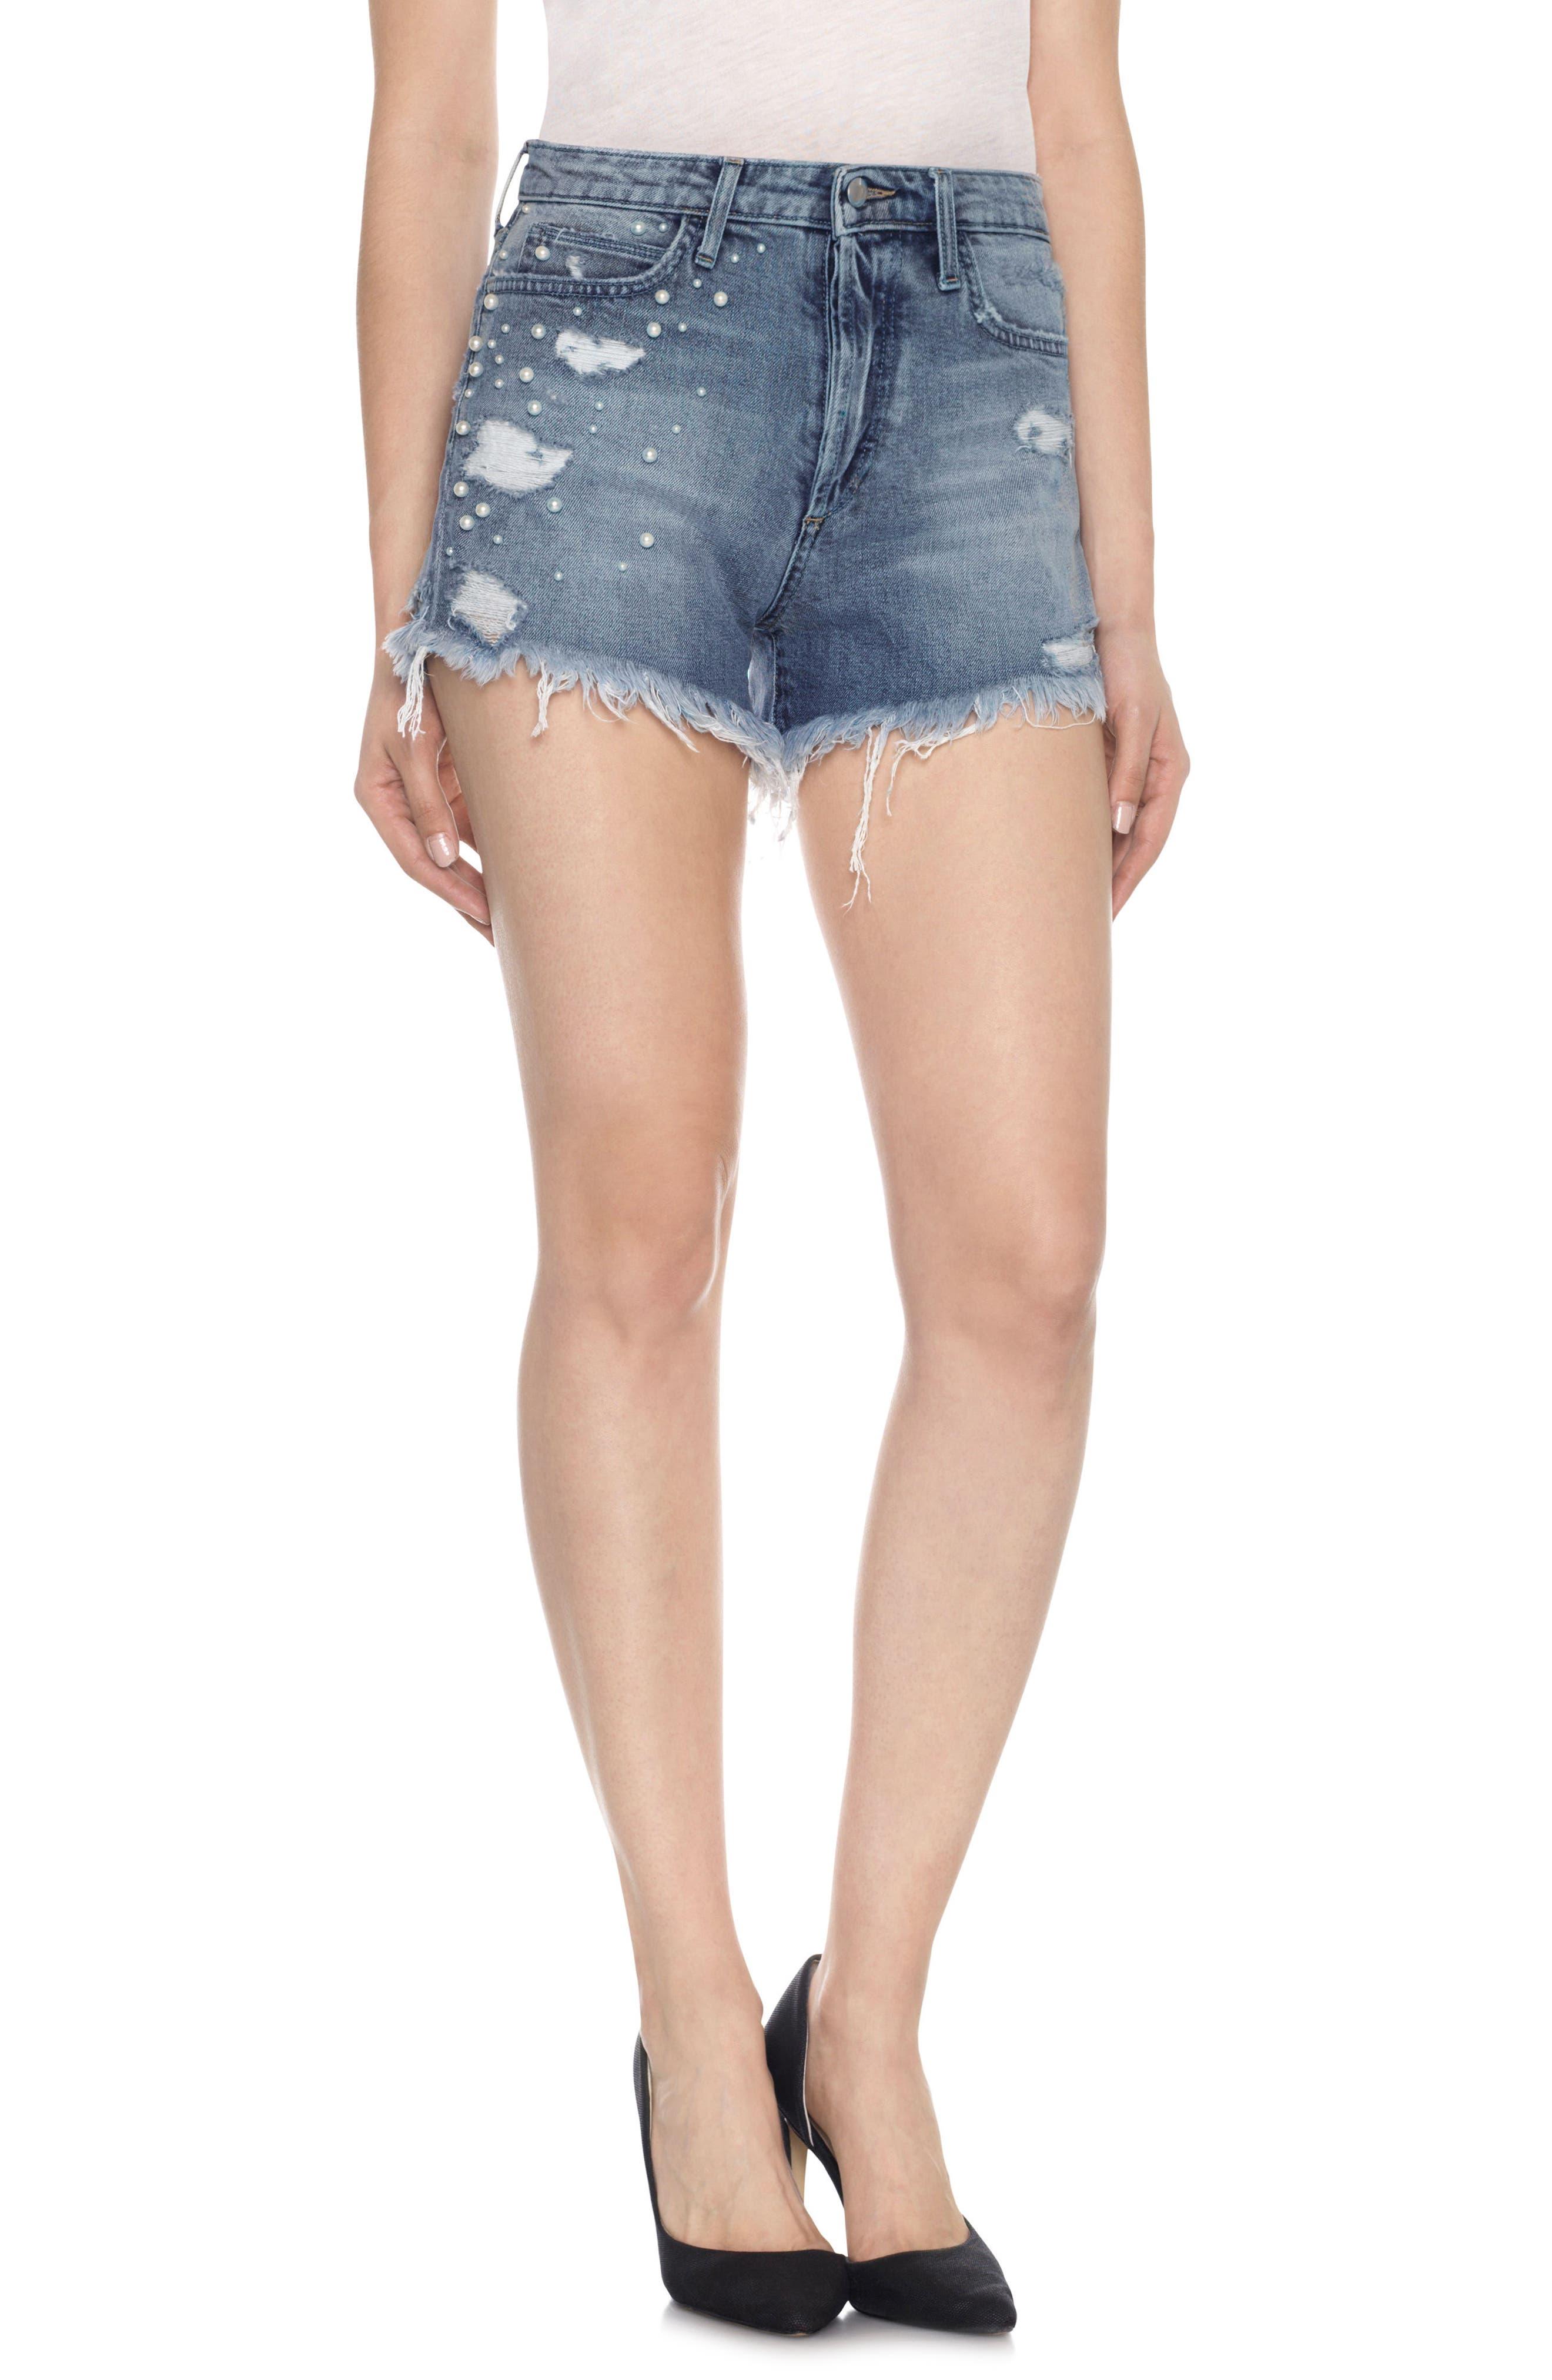 JOES Taylor Hill x Joes Charlie Embellished Denim Shorts